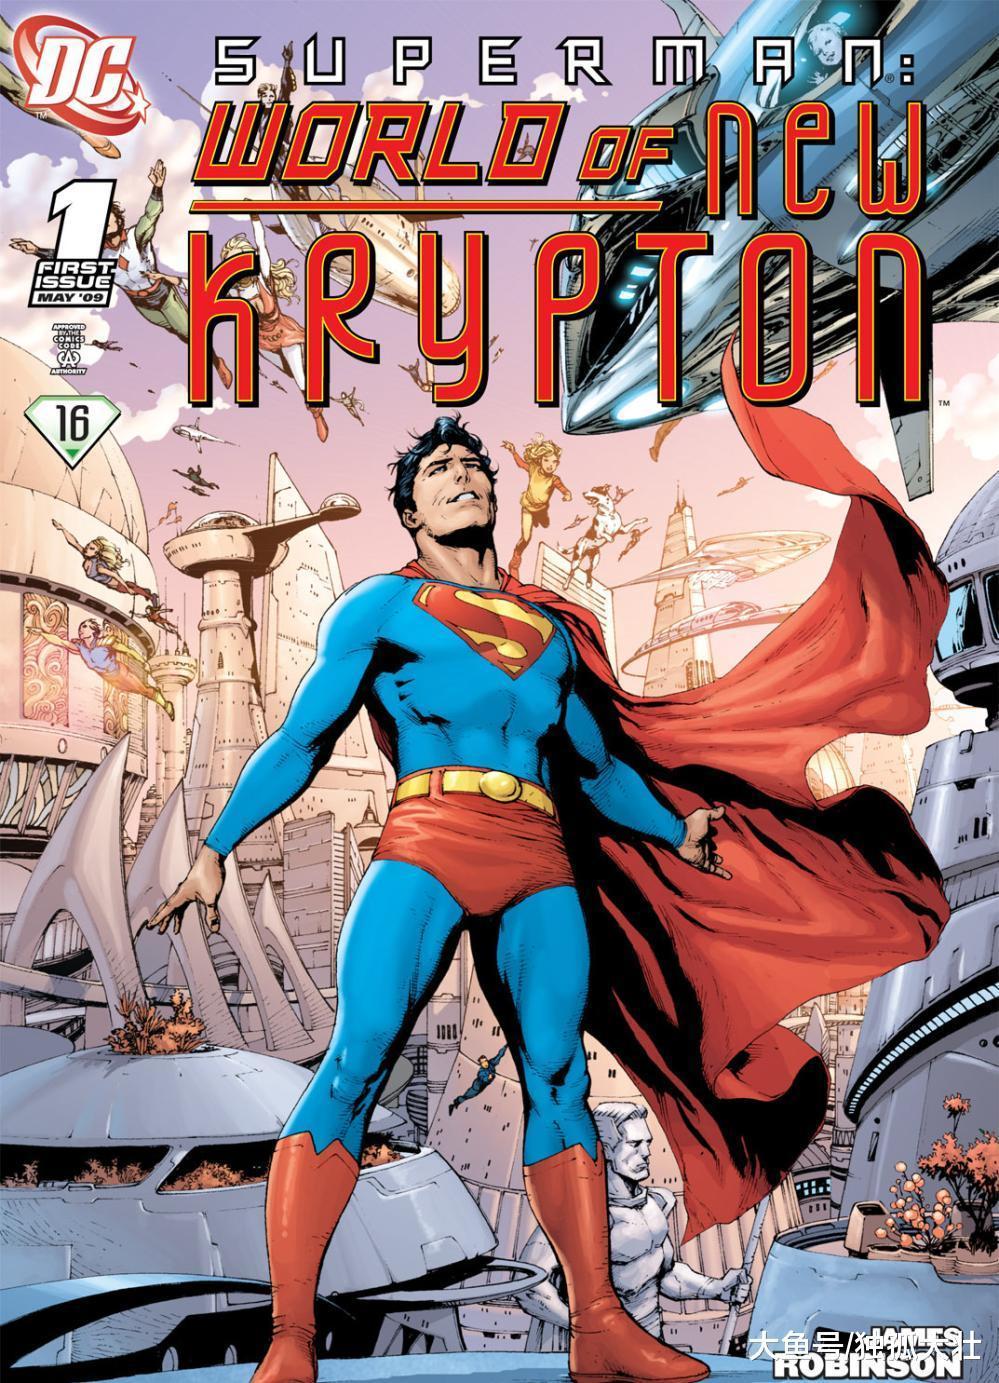 《超人》真相揭露, 绿灯军团的黑暗时代, 氪星人差点征服宇宙?